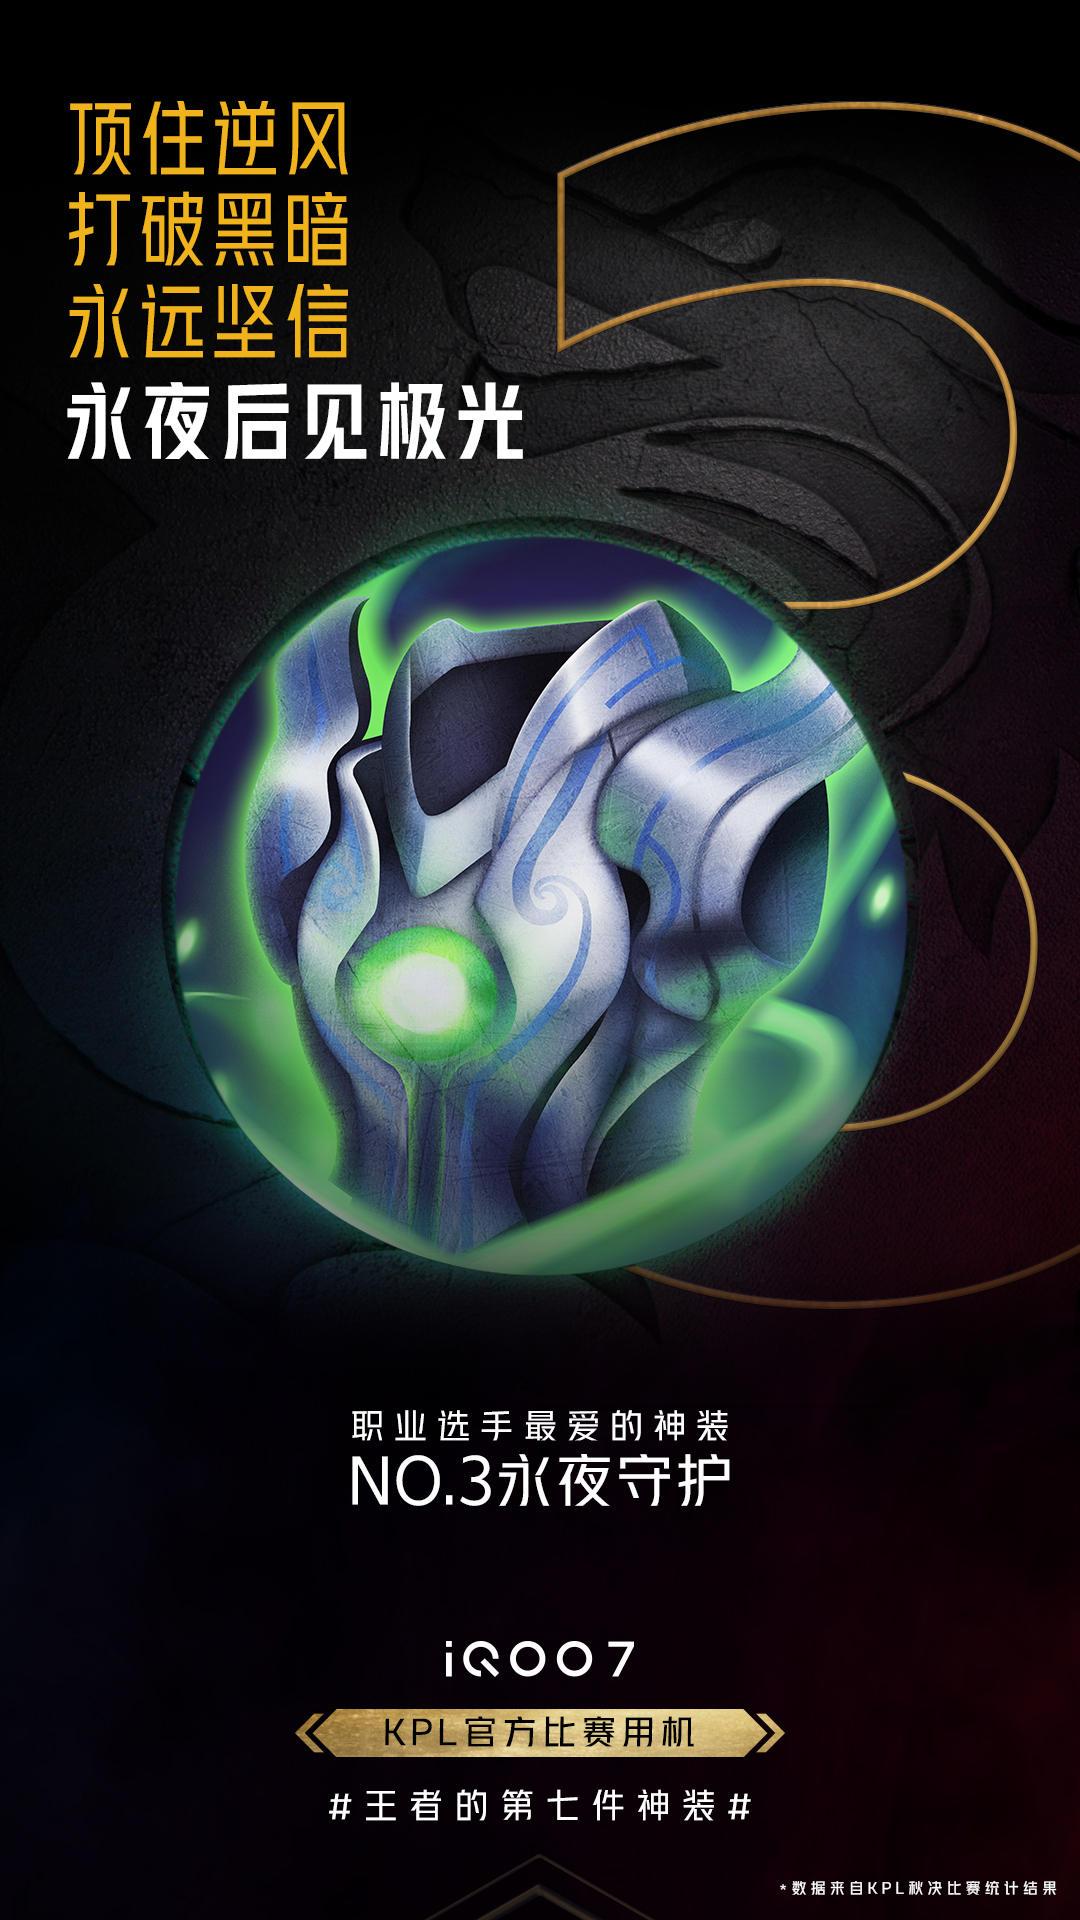 《【煜星娱乐登陆官方】王者荣耀资深玩家必答题,这些神装暗示了iQOO 7哪些特性?》